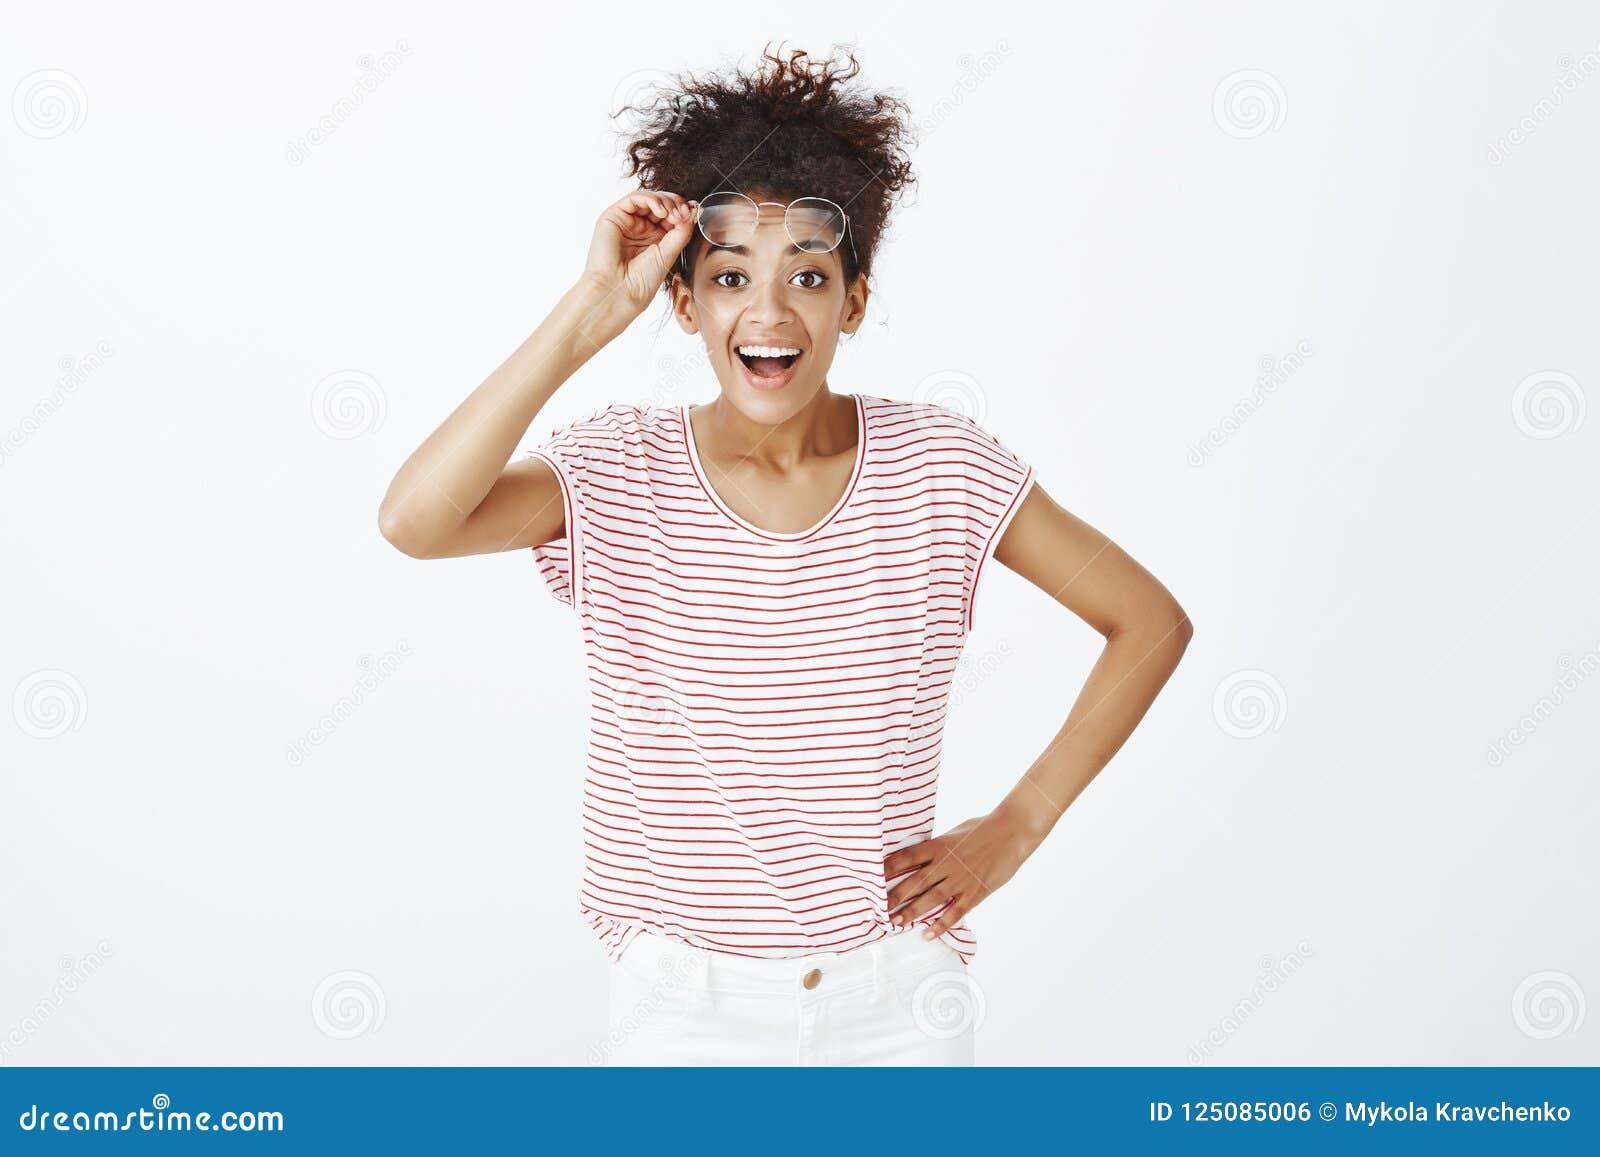 Portret zadowolona życzliwa kobieta z kędzierzawym rozczesanym włosy, trzymający rękę na biodrze, brać daleko szkło i ono uśmiech